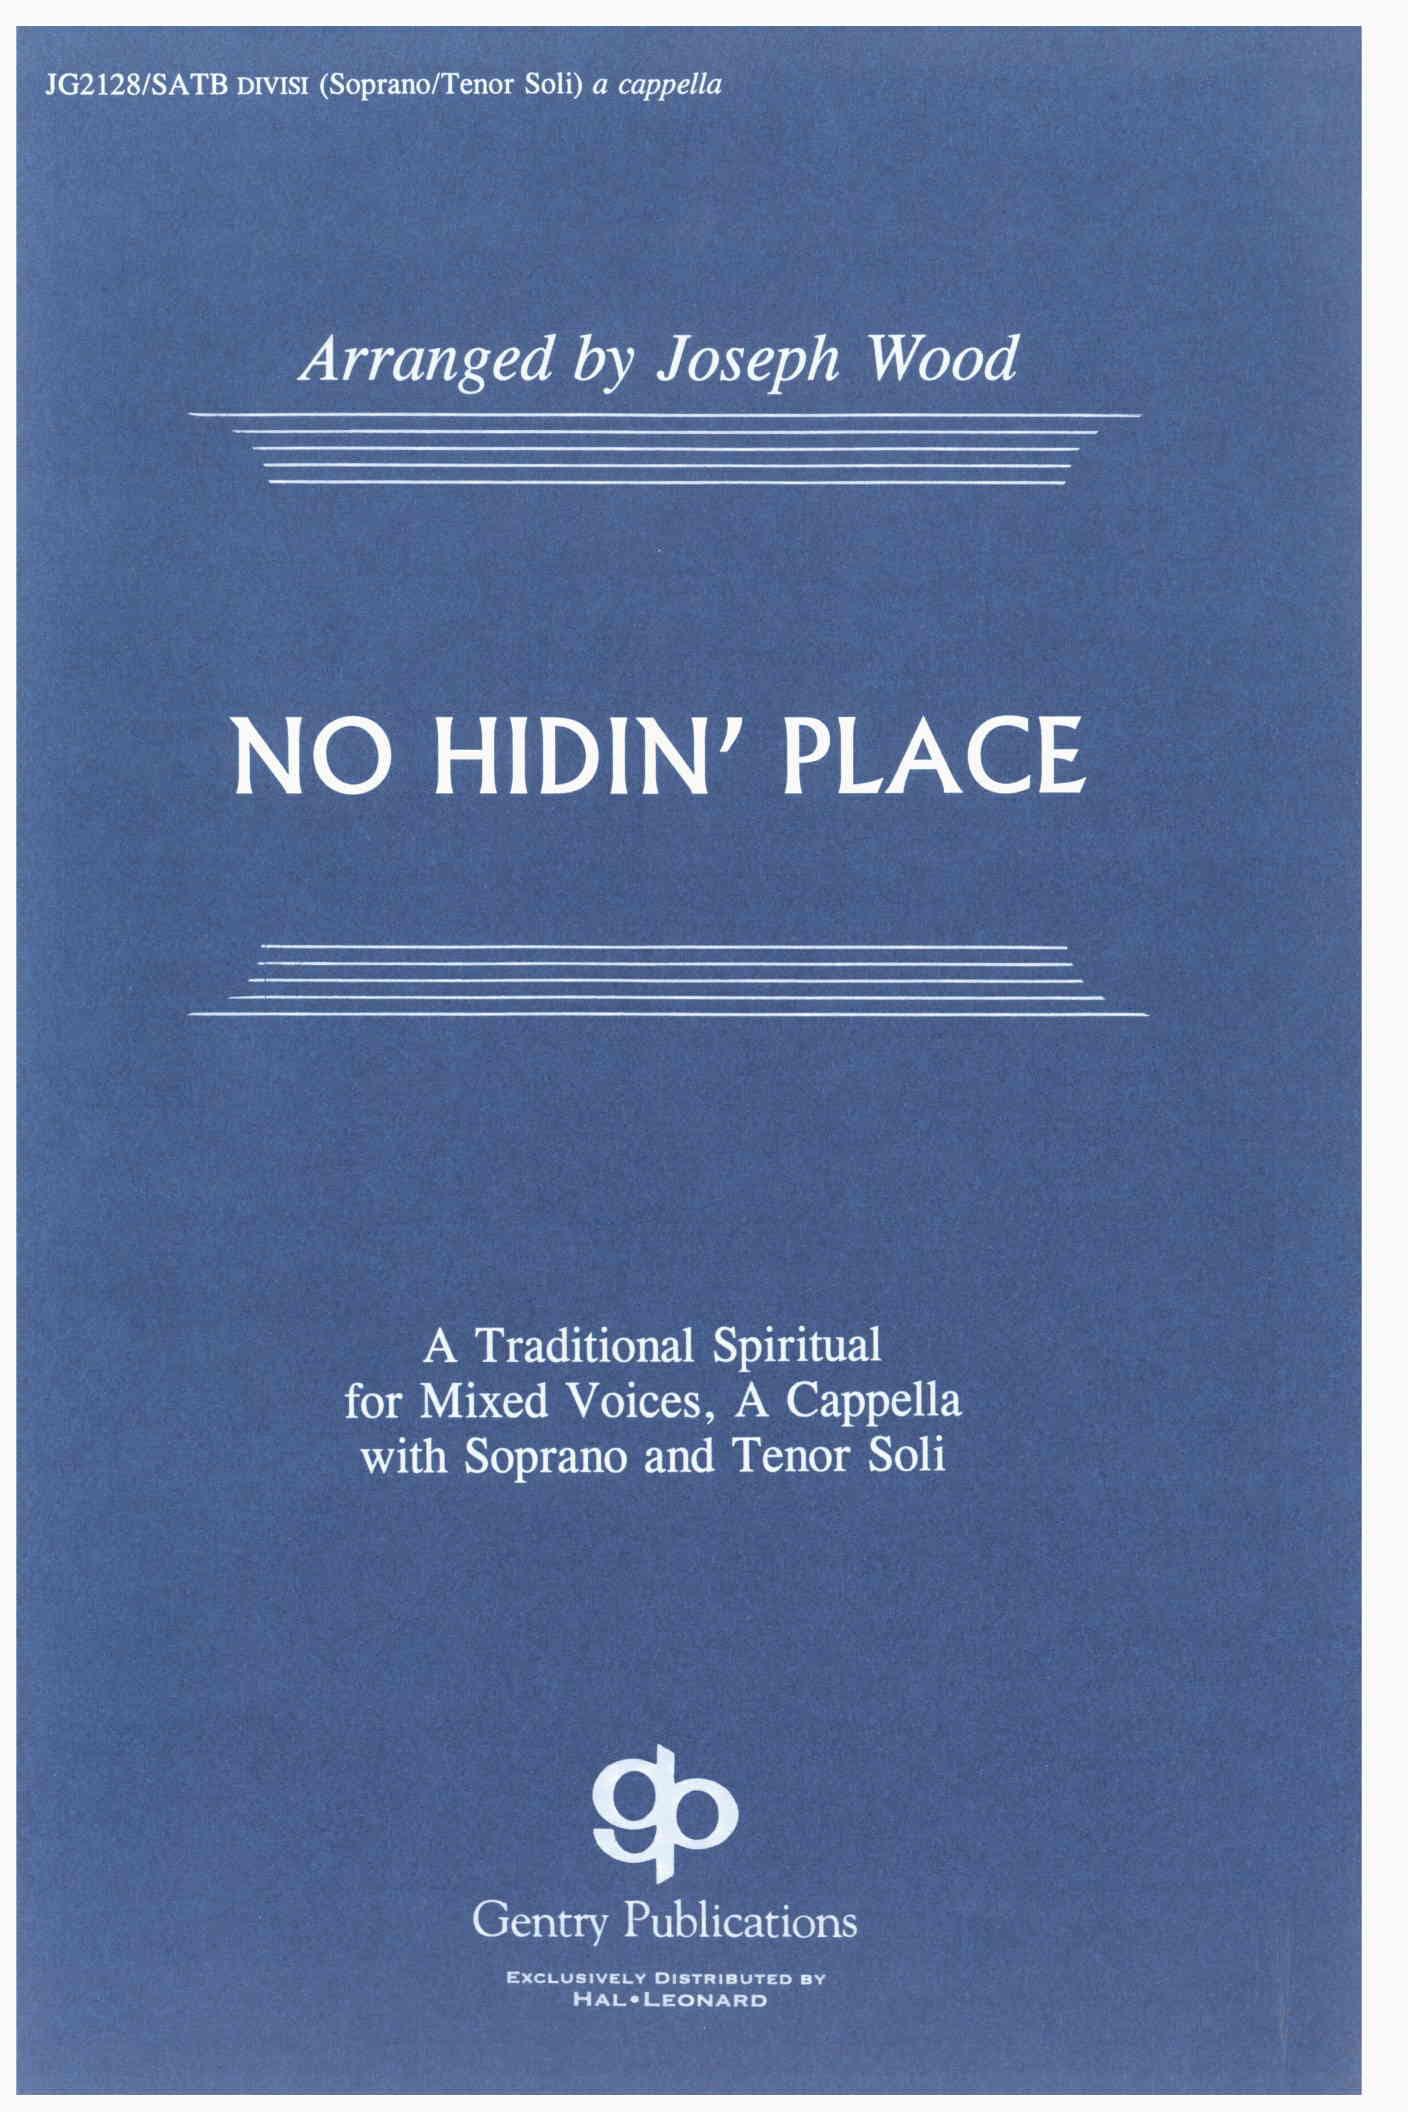 No Hidin' Place